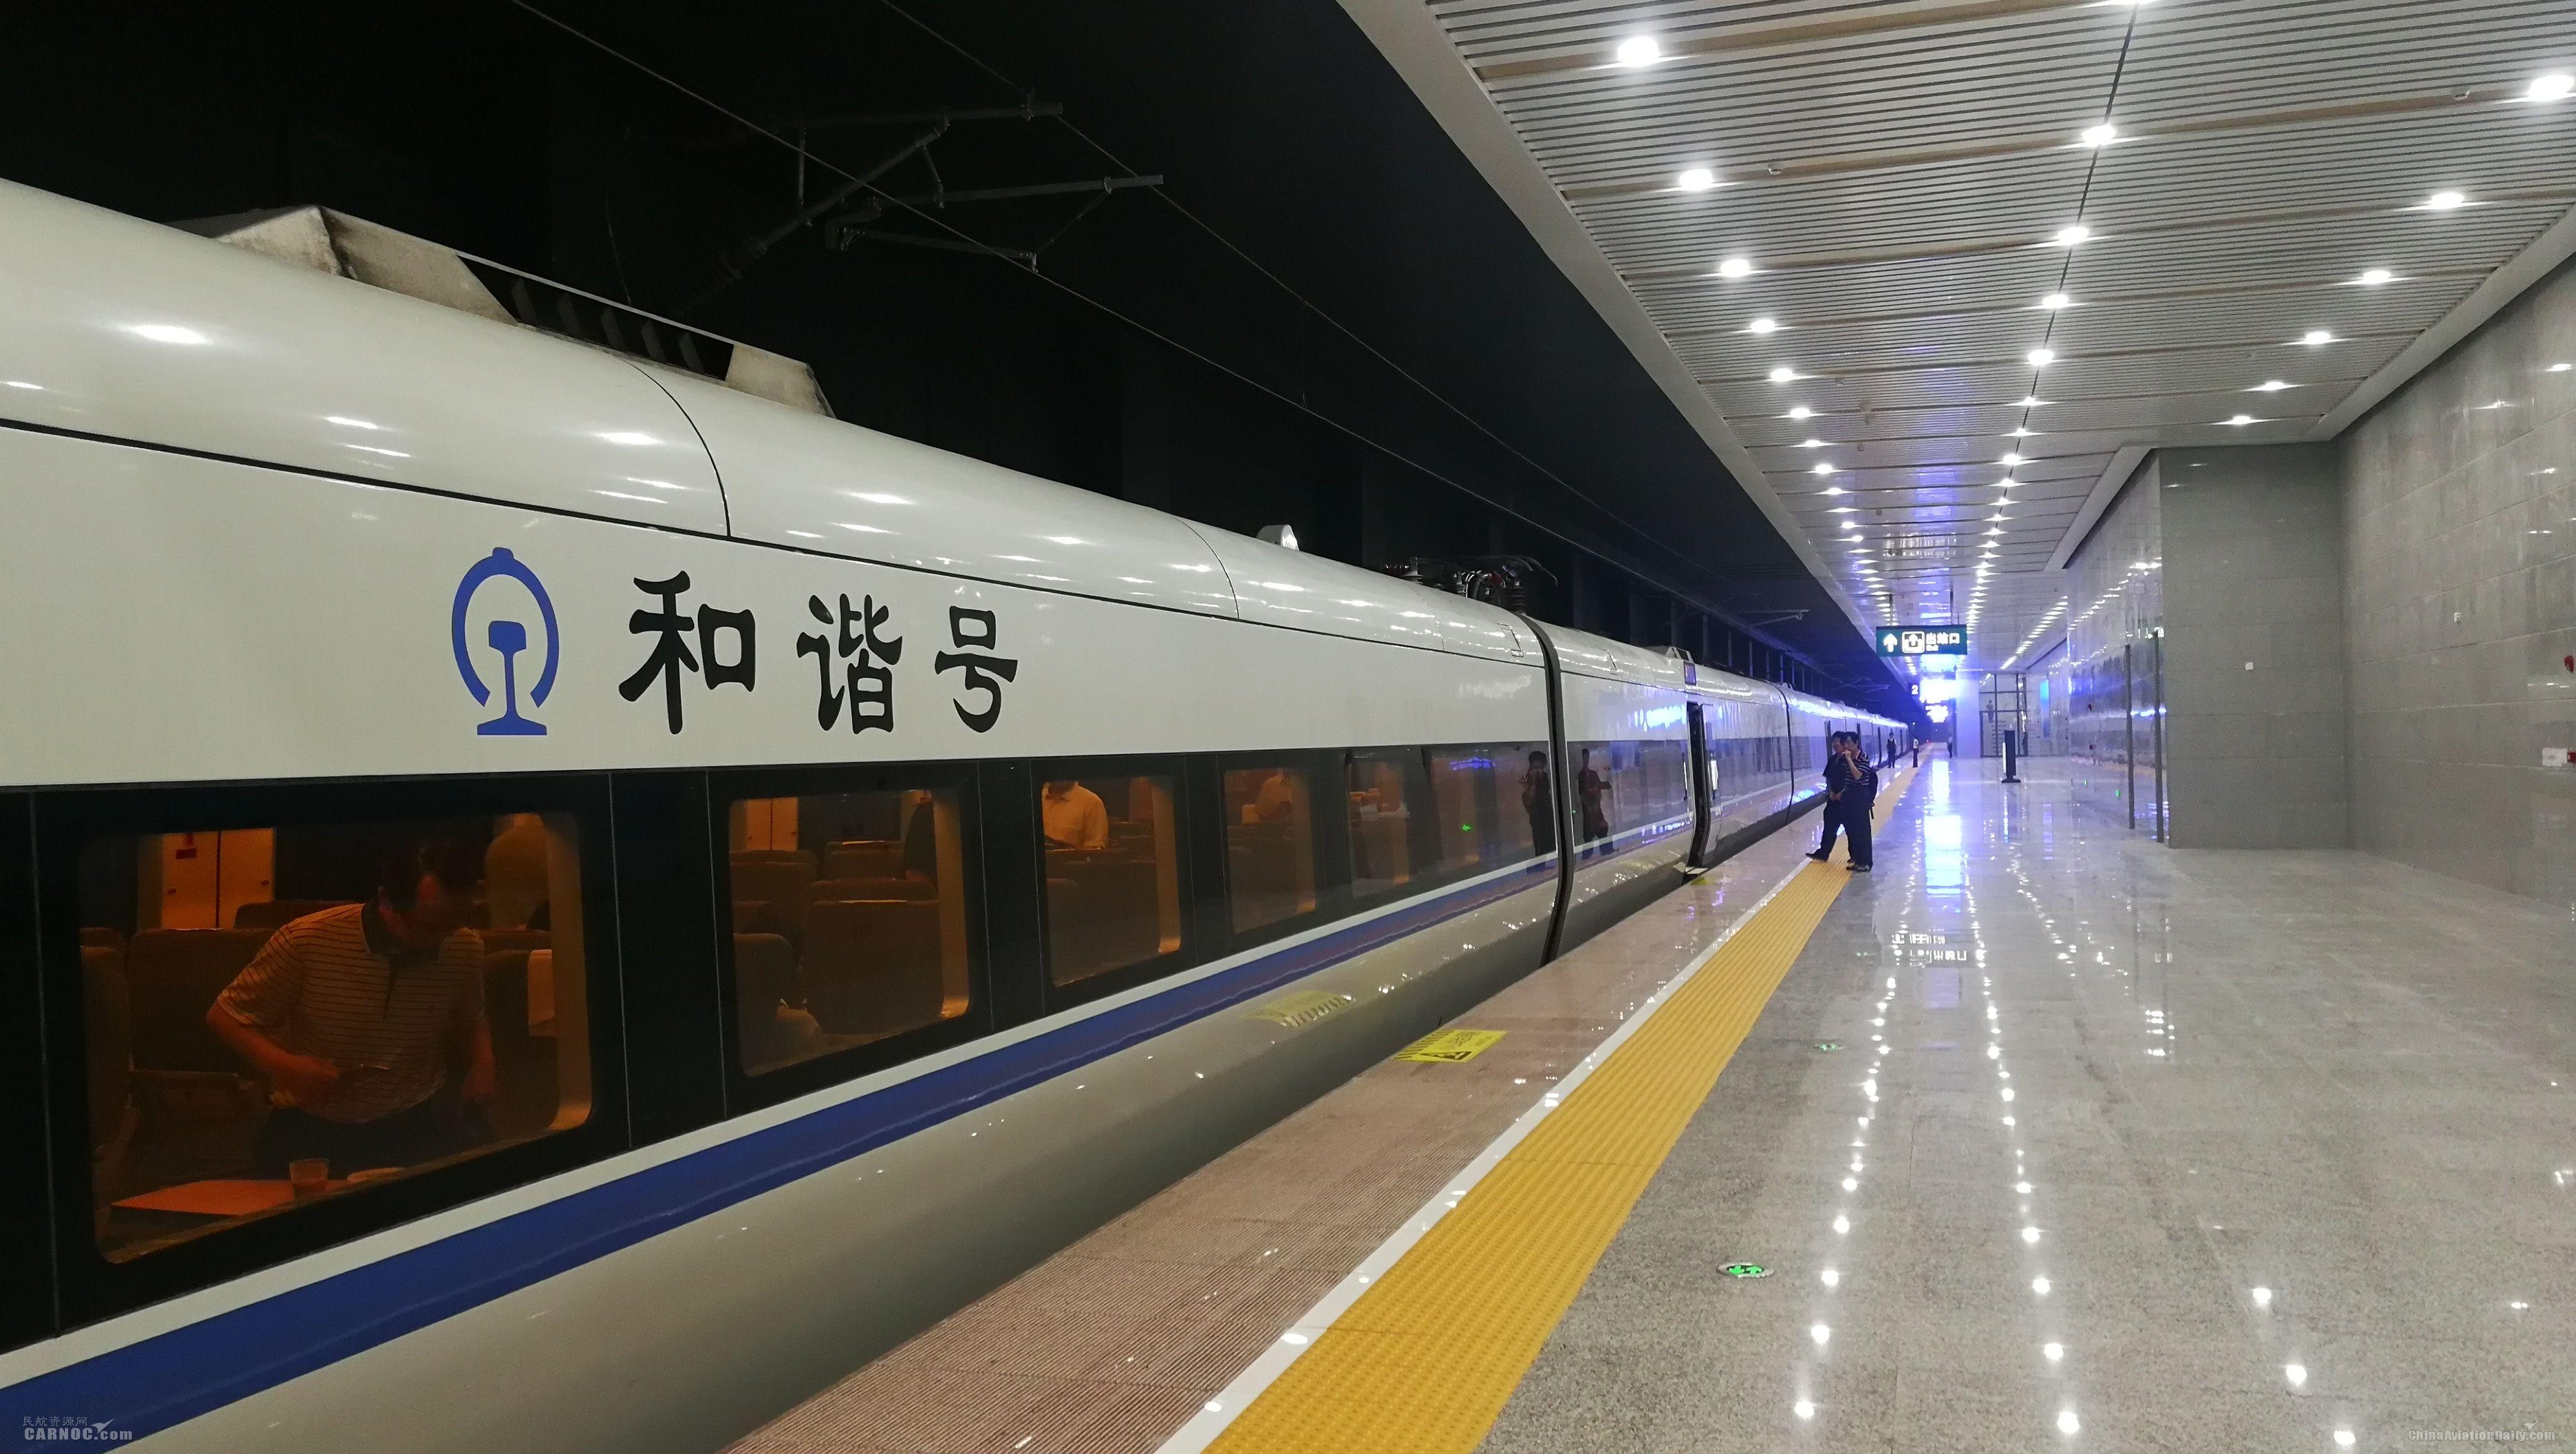 潮汕机场即将迈入空铁联运时代